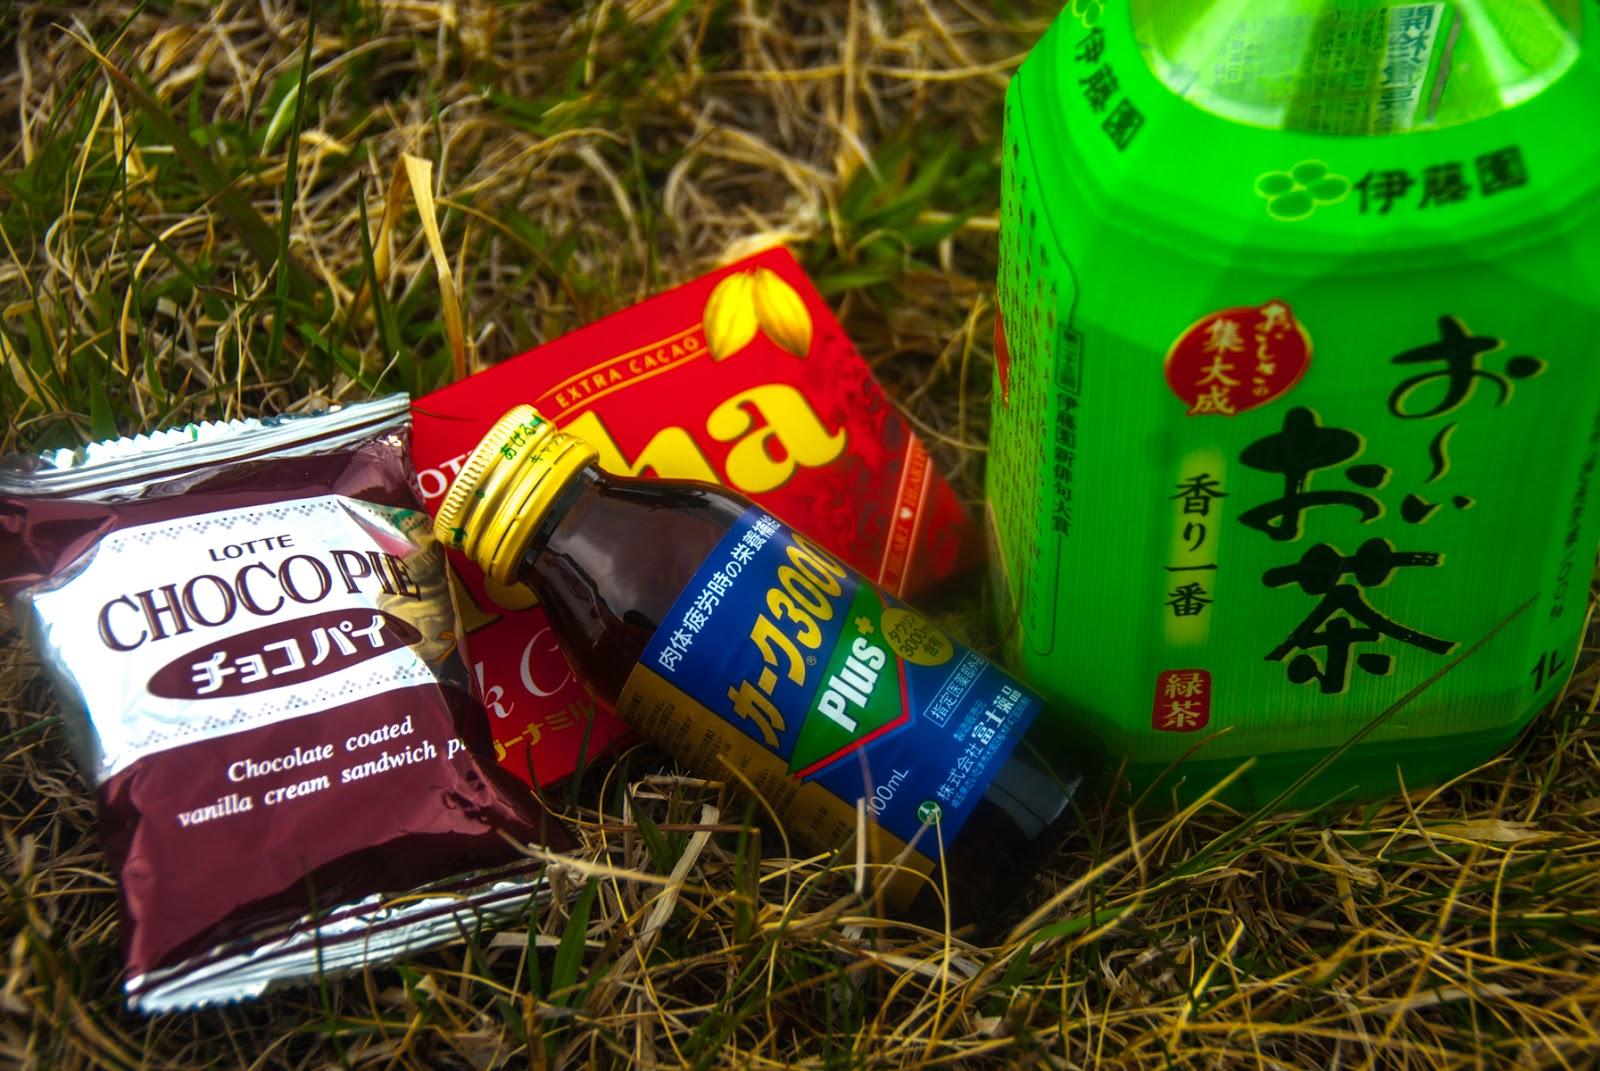 チョコパイとガーナチョコレートと栄養ドリンクとお〜いお茶